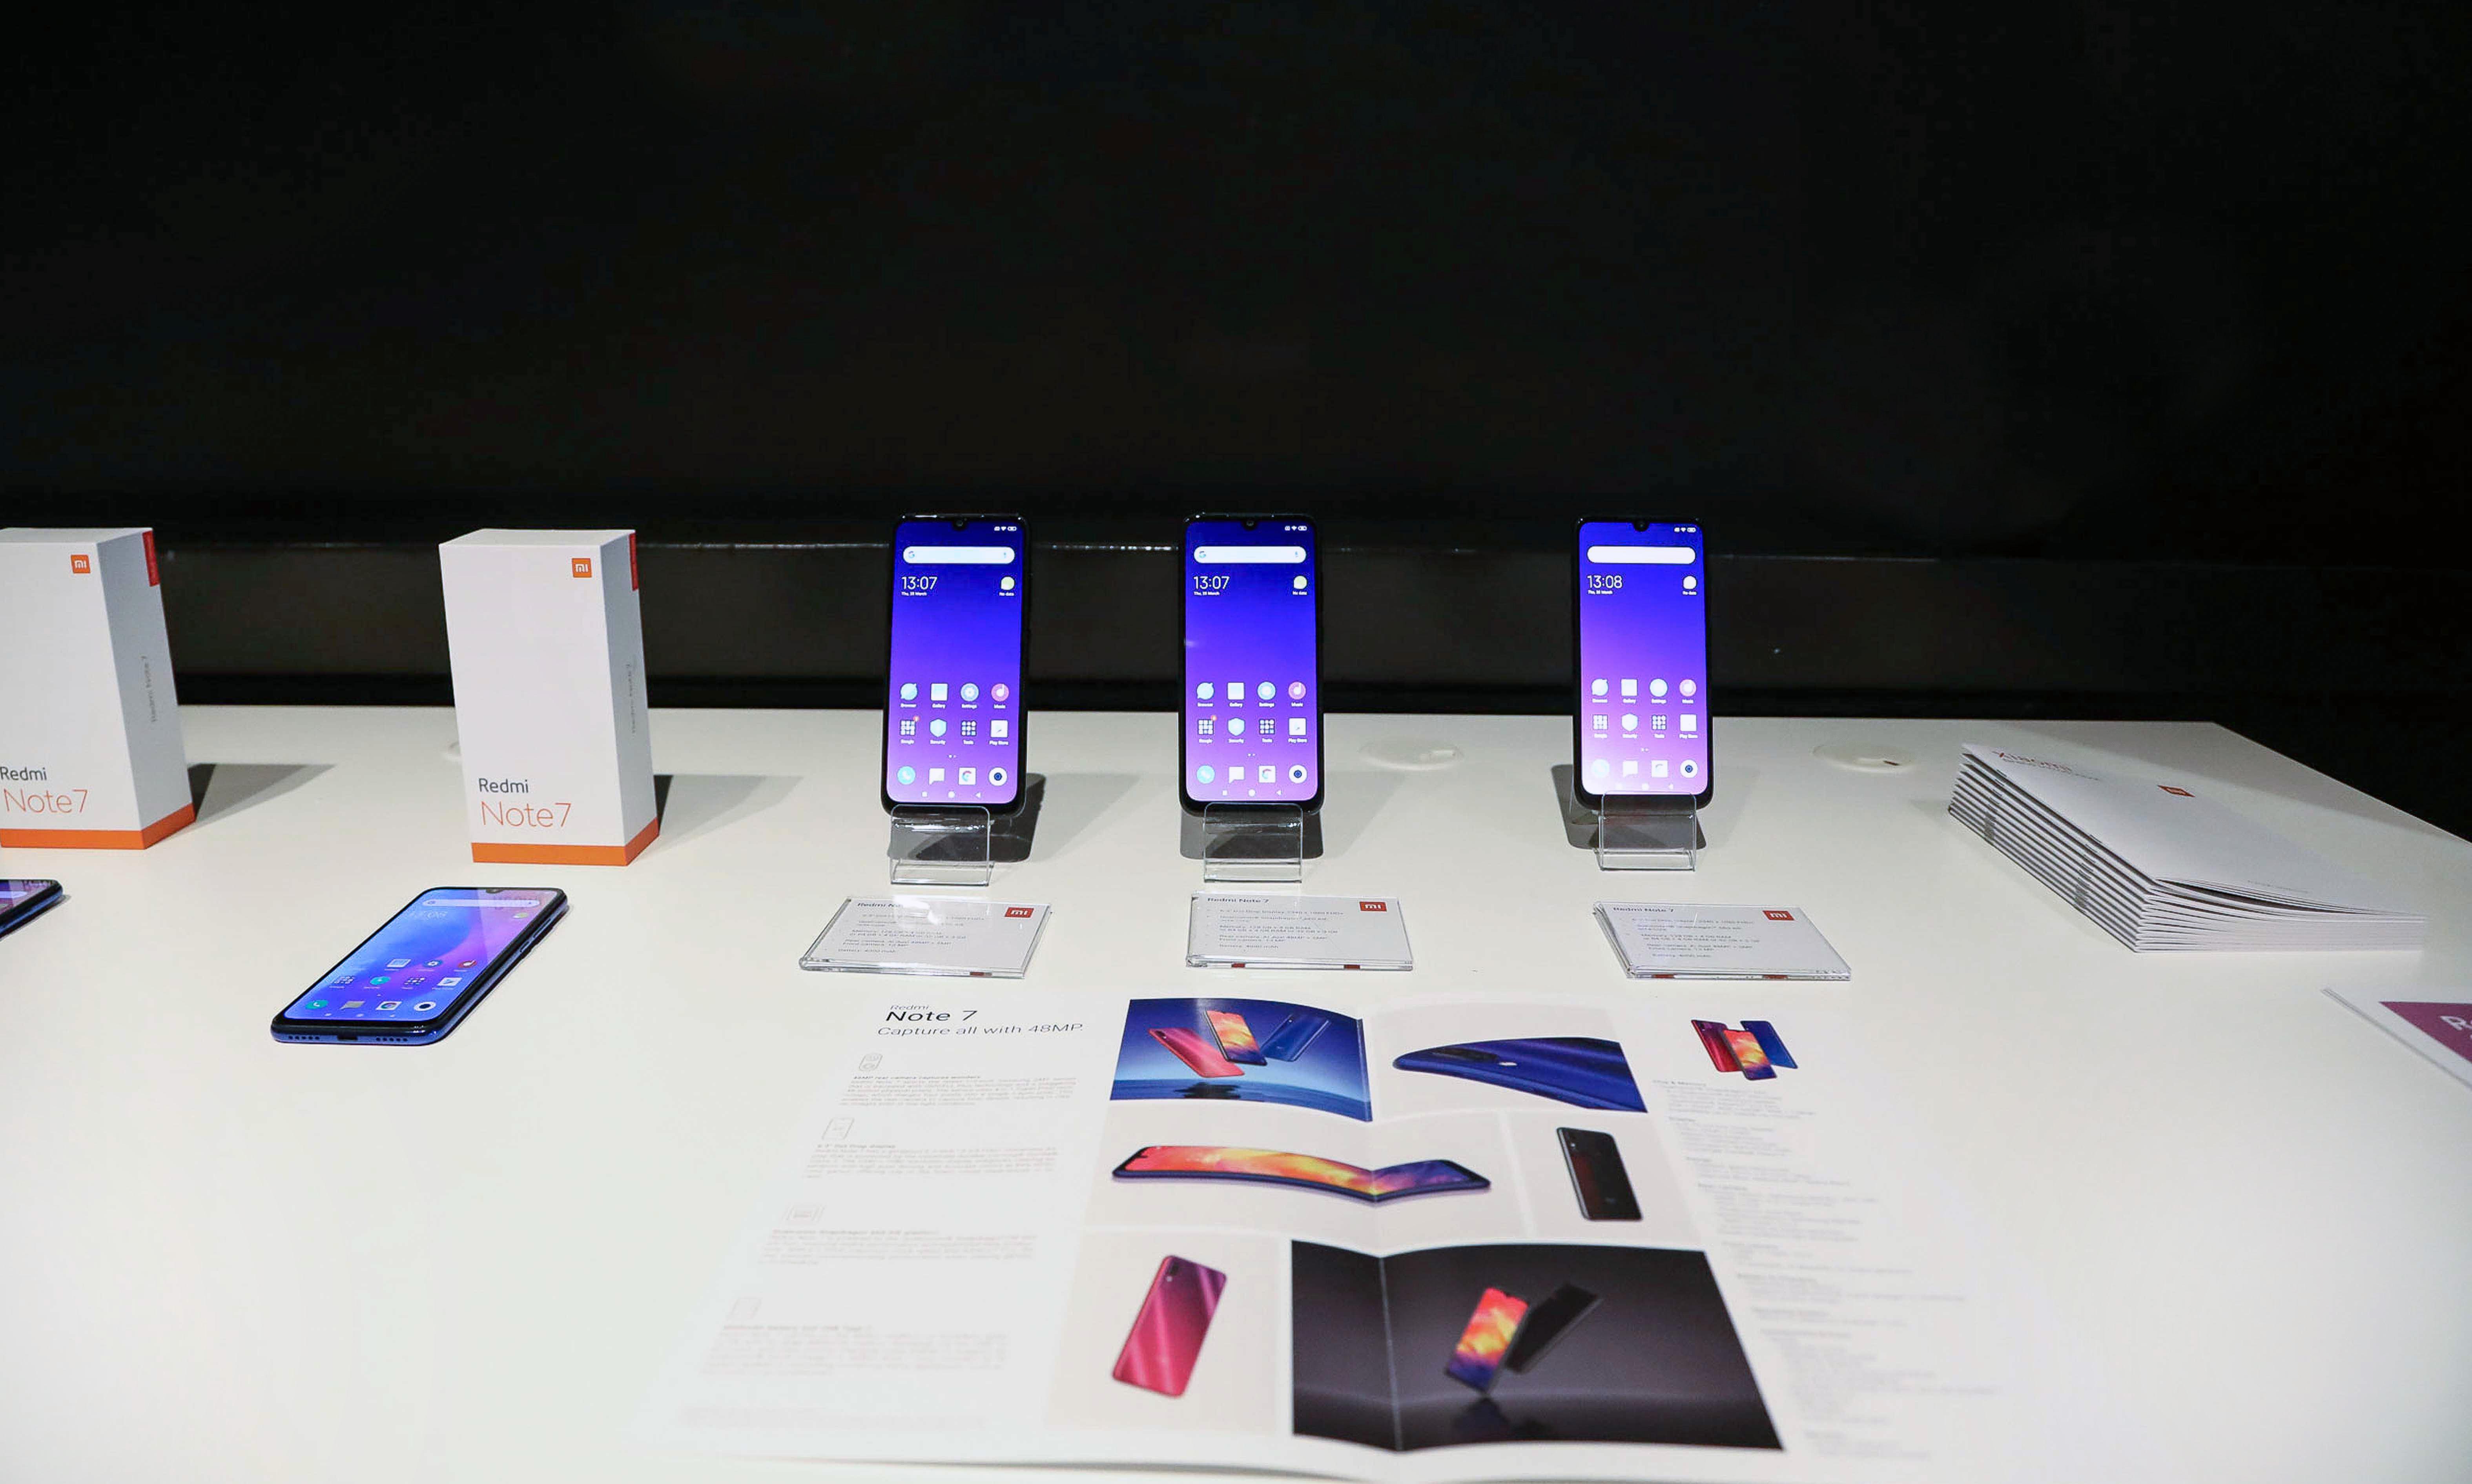 xiaomi-passeert-apple-in-smartphonemarkt